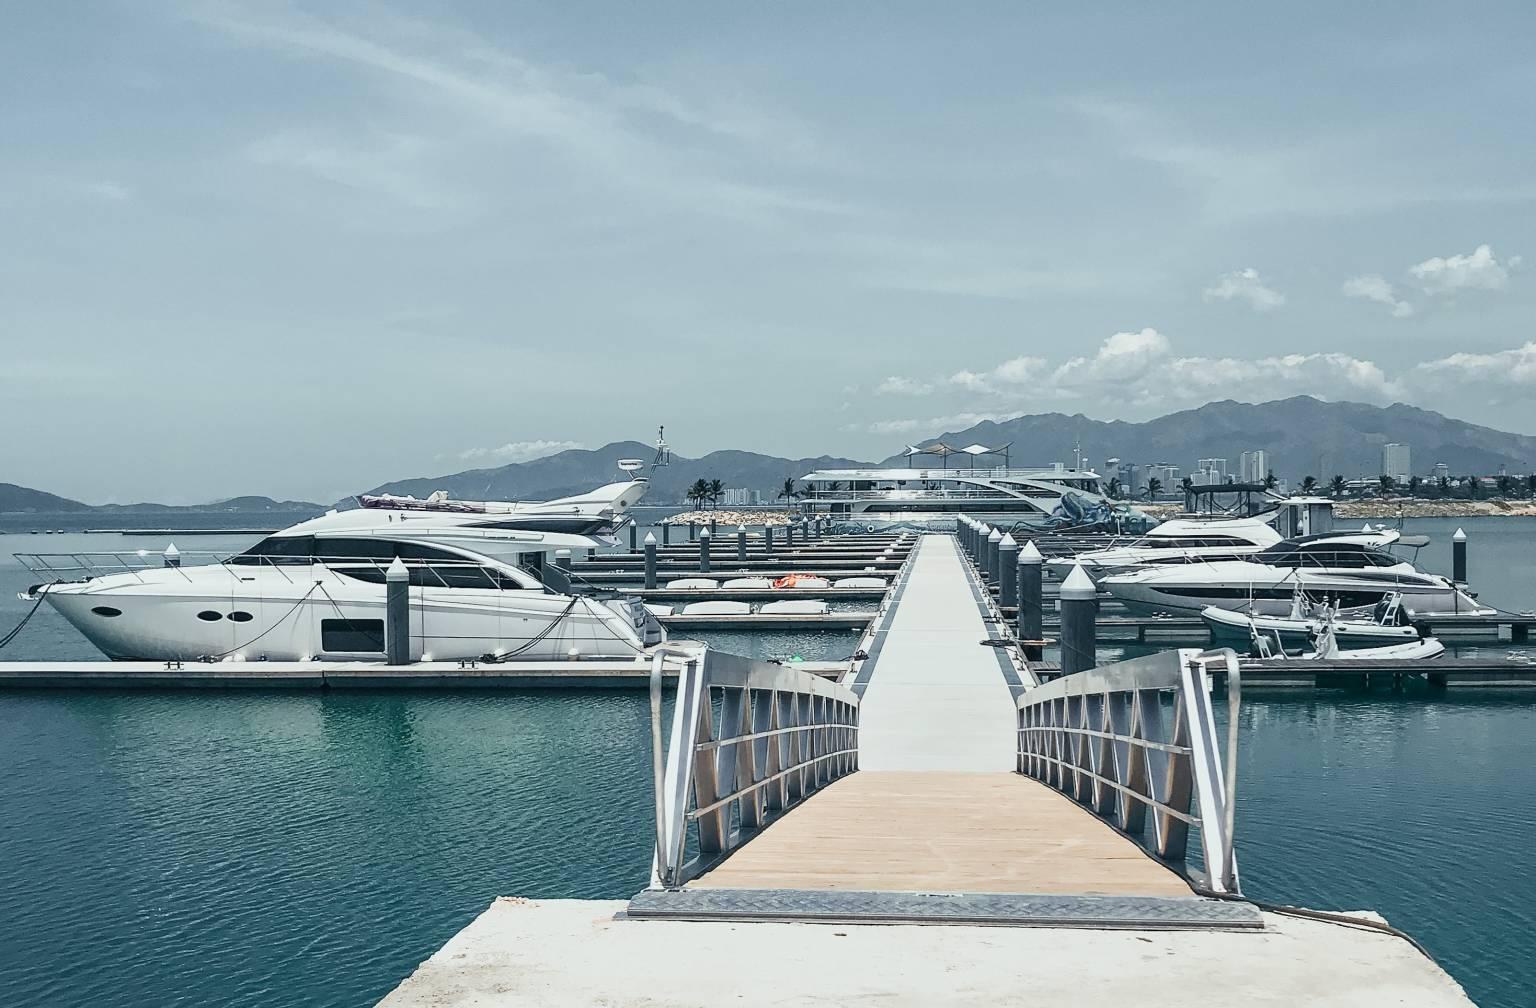 Bến du thuyền Ana Marina